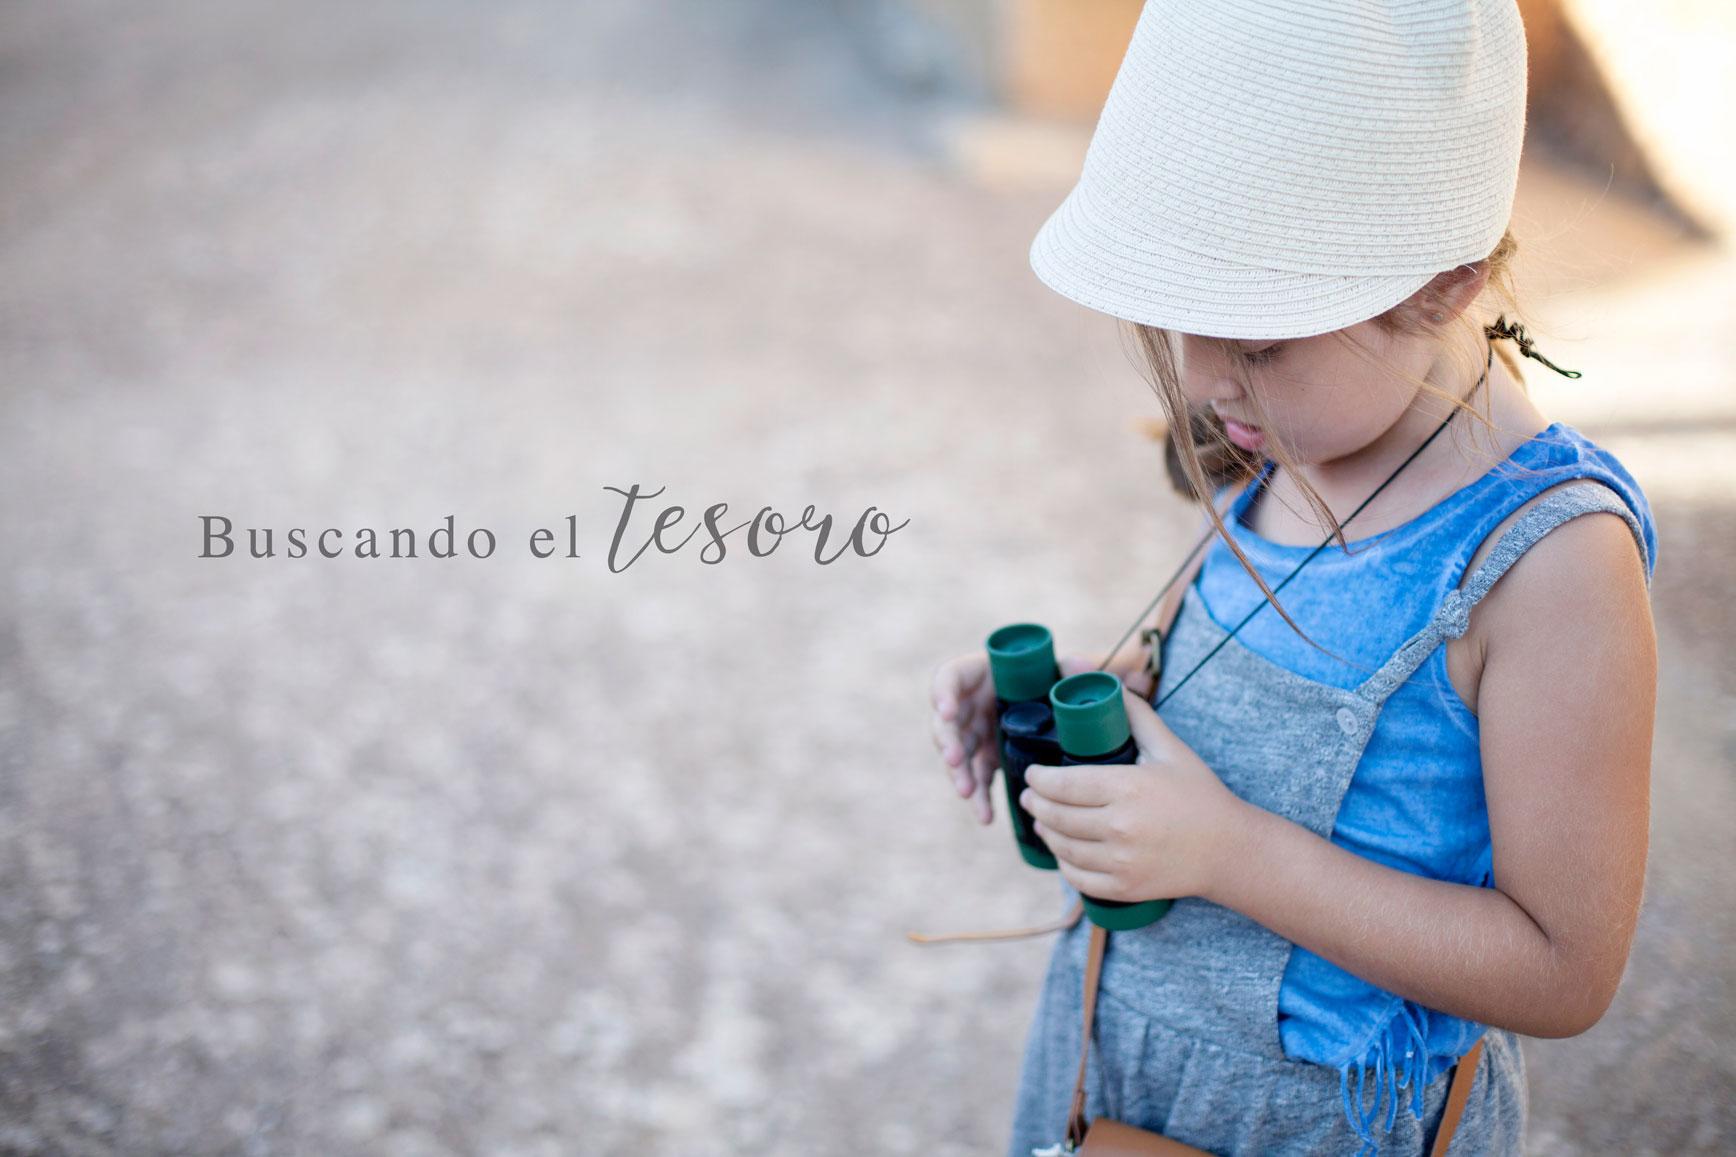 Busqueda_del_tesoro-00